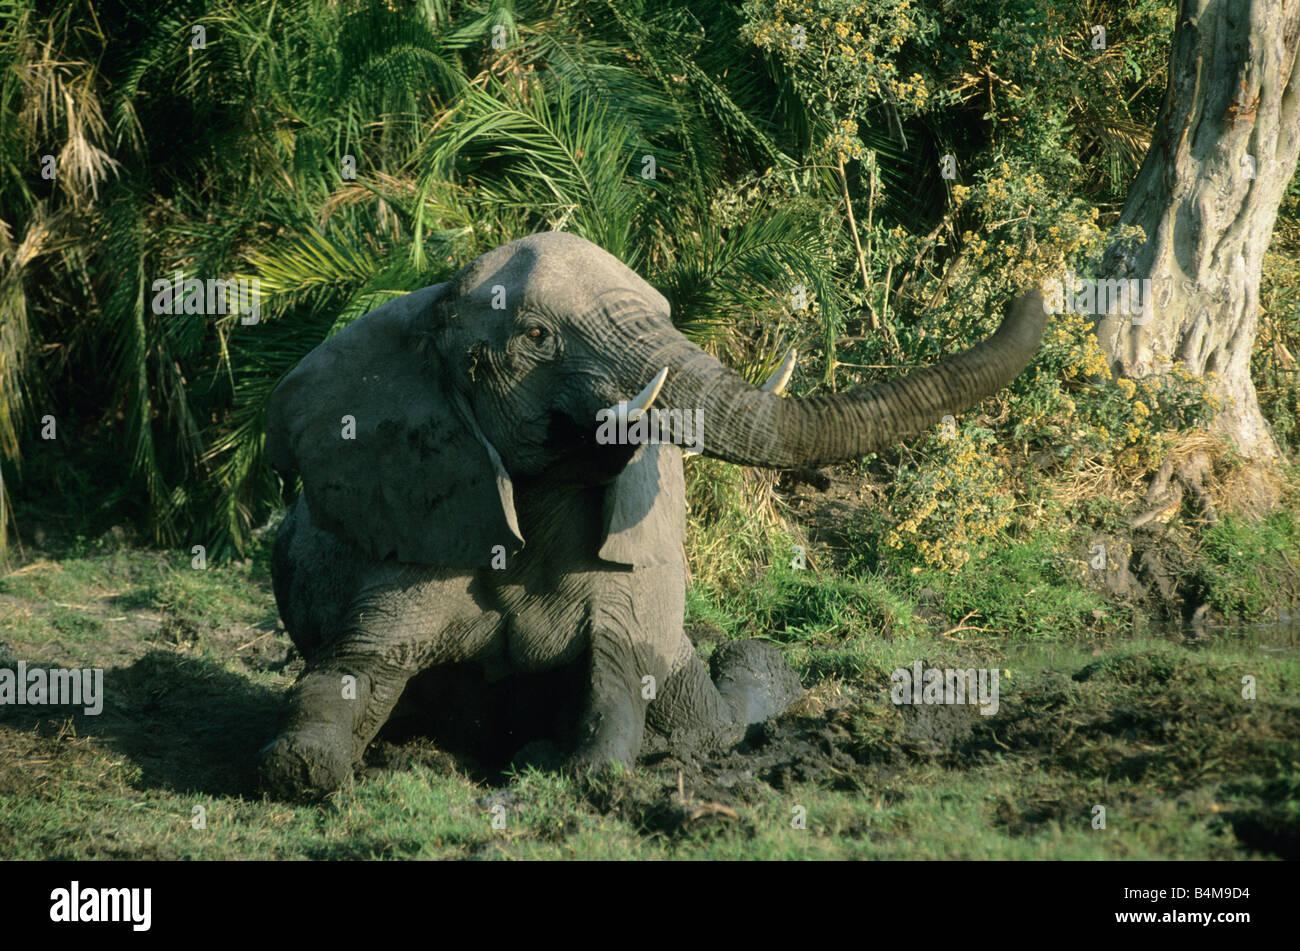 Afrikanischer Elefant (Loxodonta Africana) Schmutz Baden, Okavango Delta, Botswana Stockbild